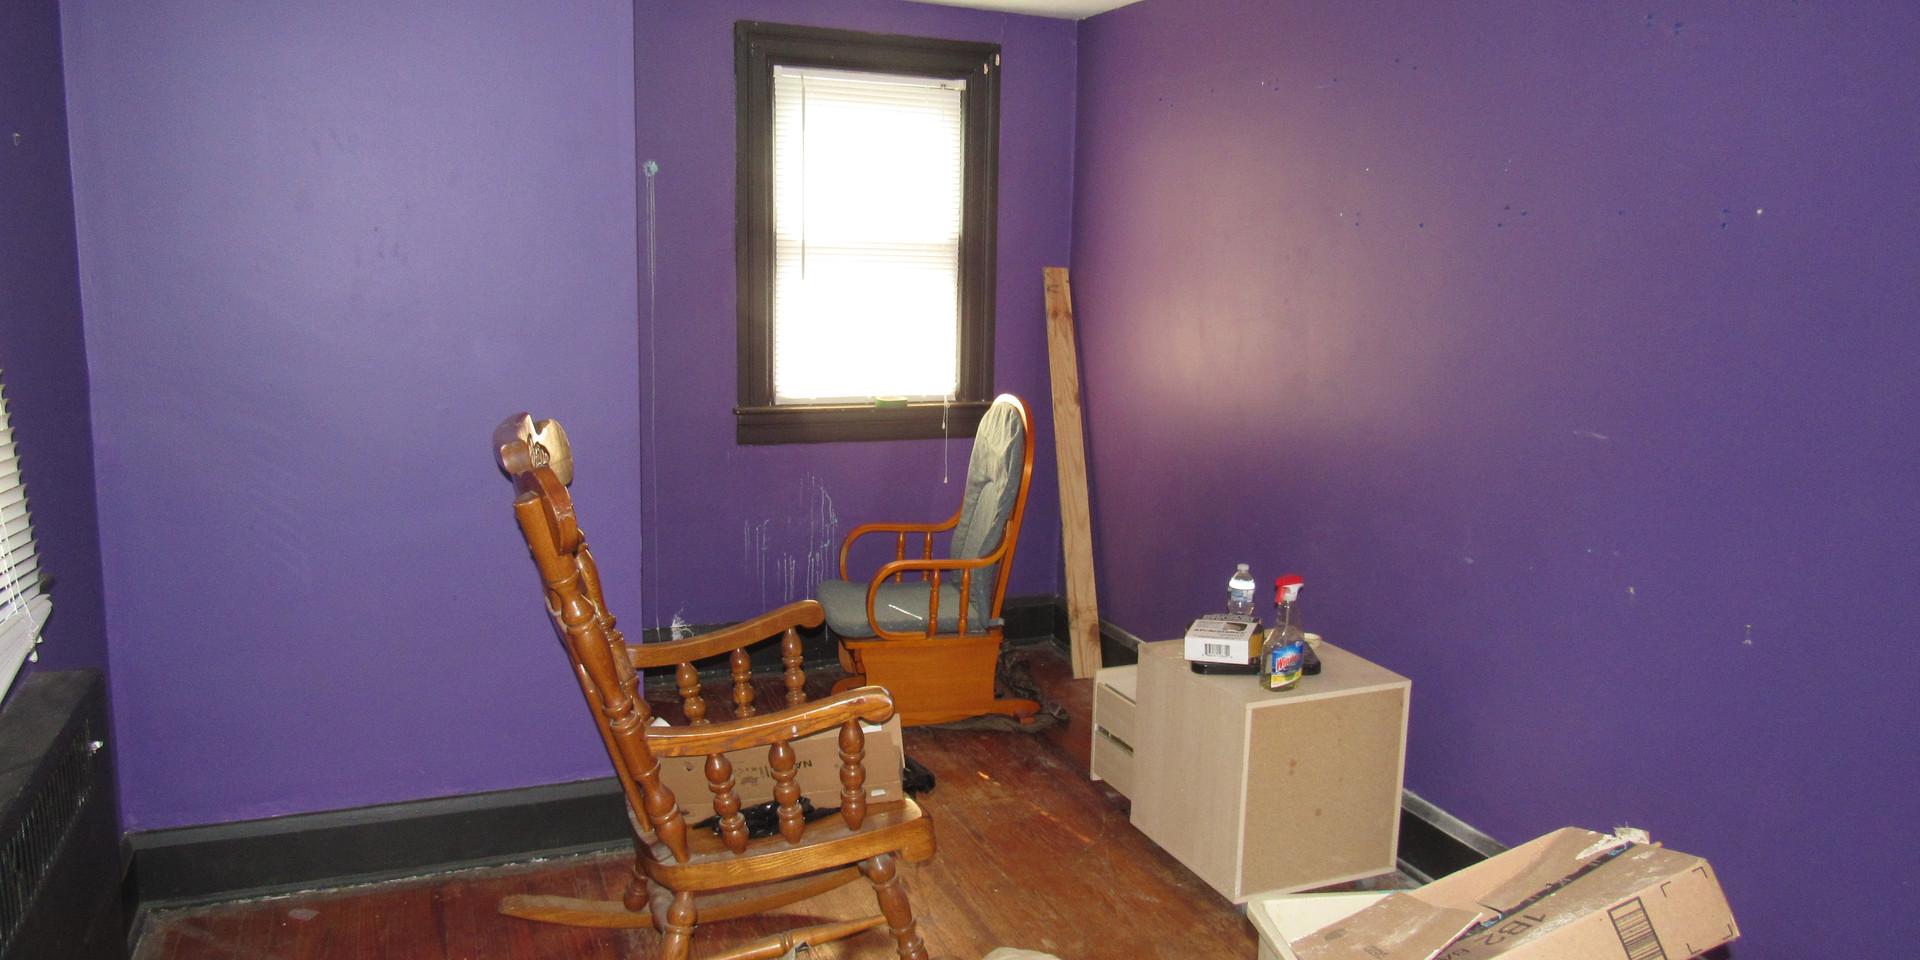 19 - Bedroom 1B.JPG